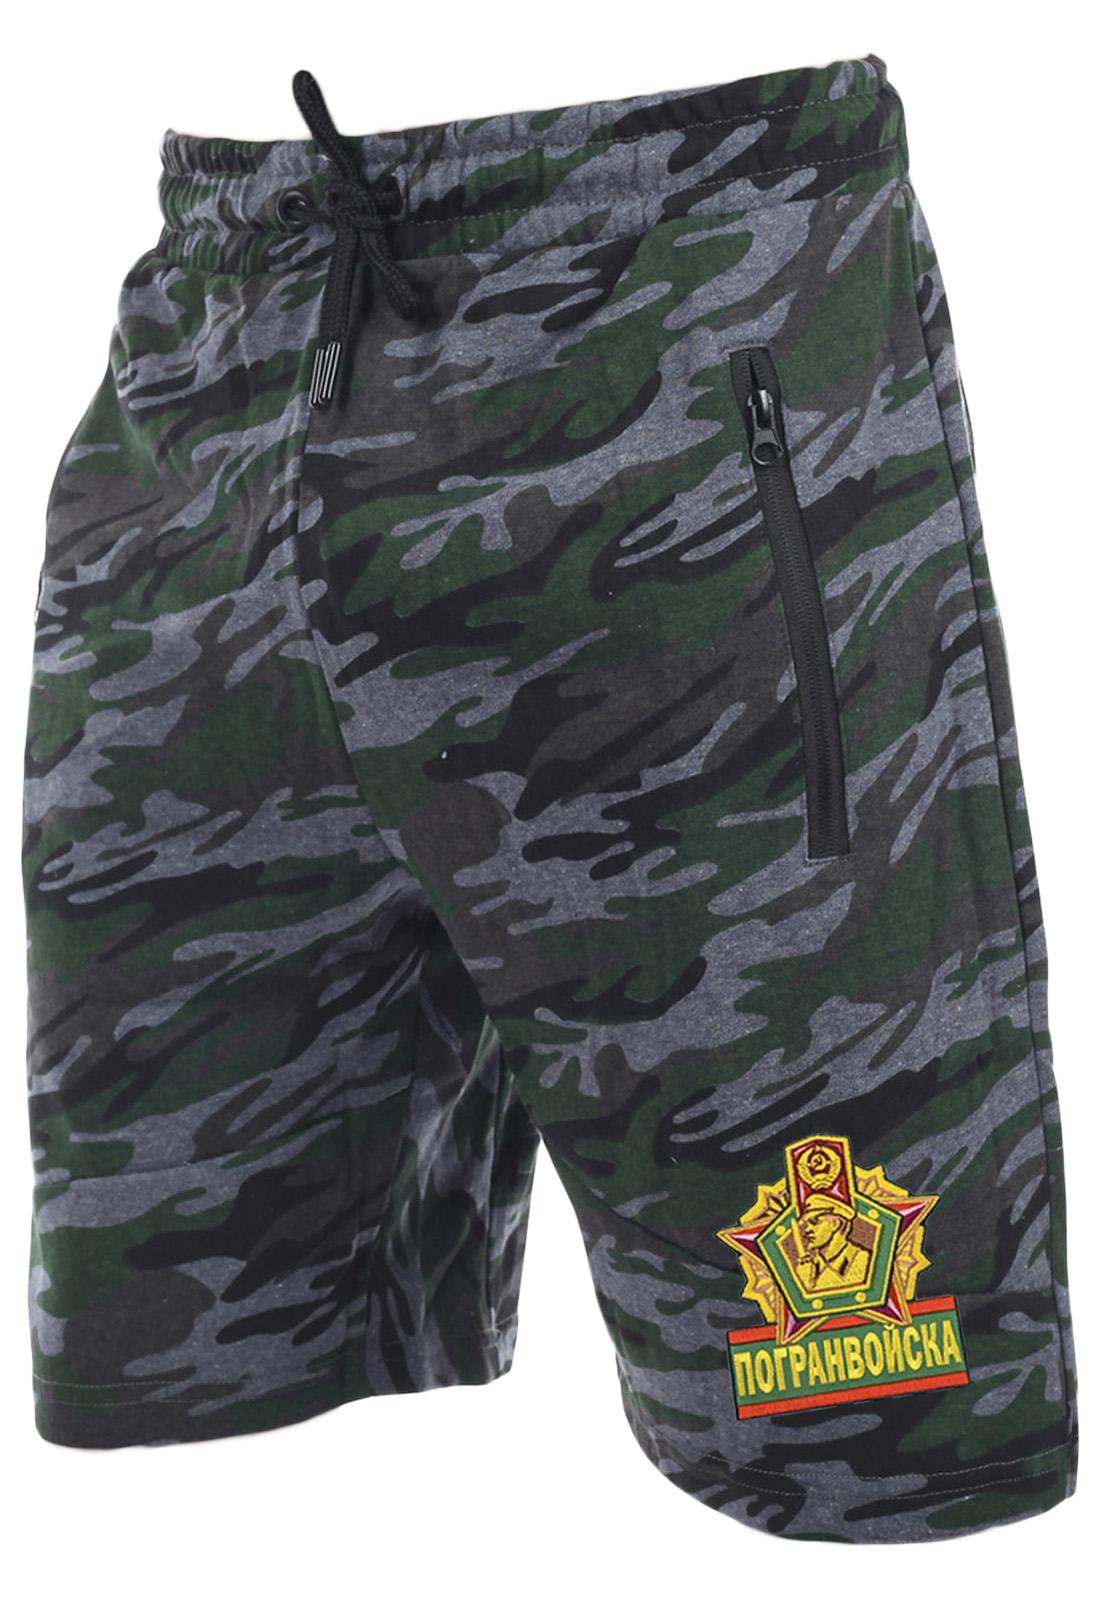 Камуфляжные серо-зеленые шорты с нашивкой Погранвойска